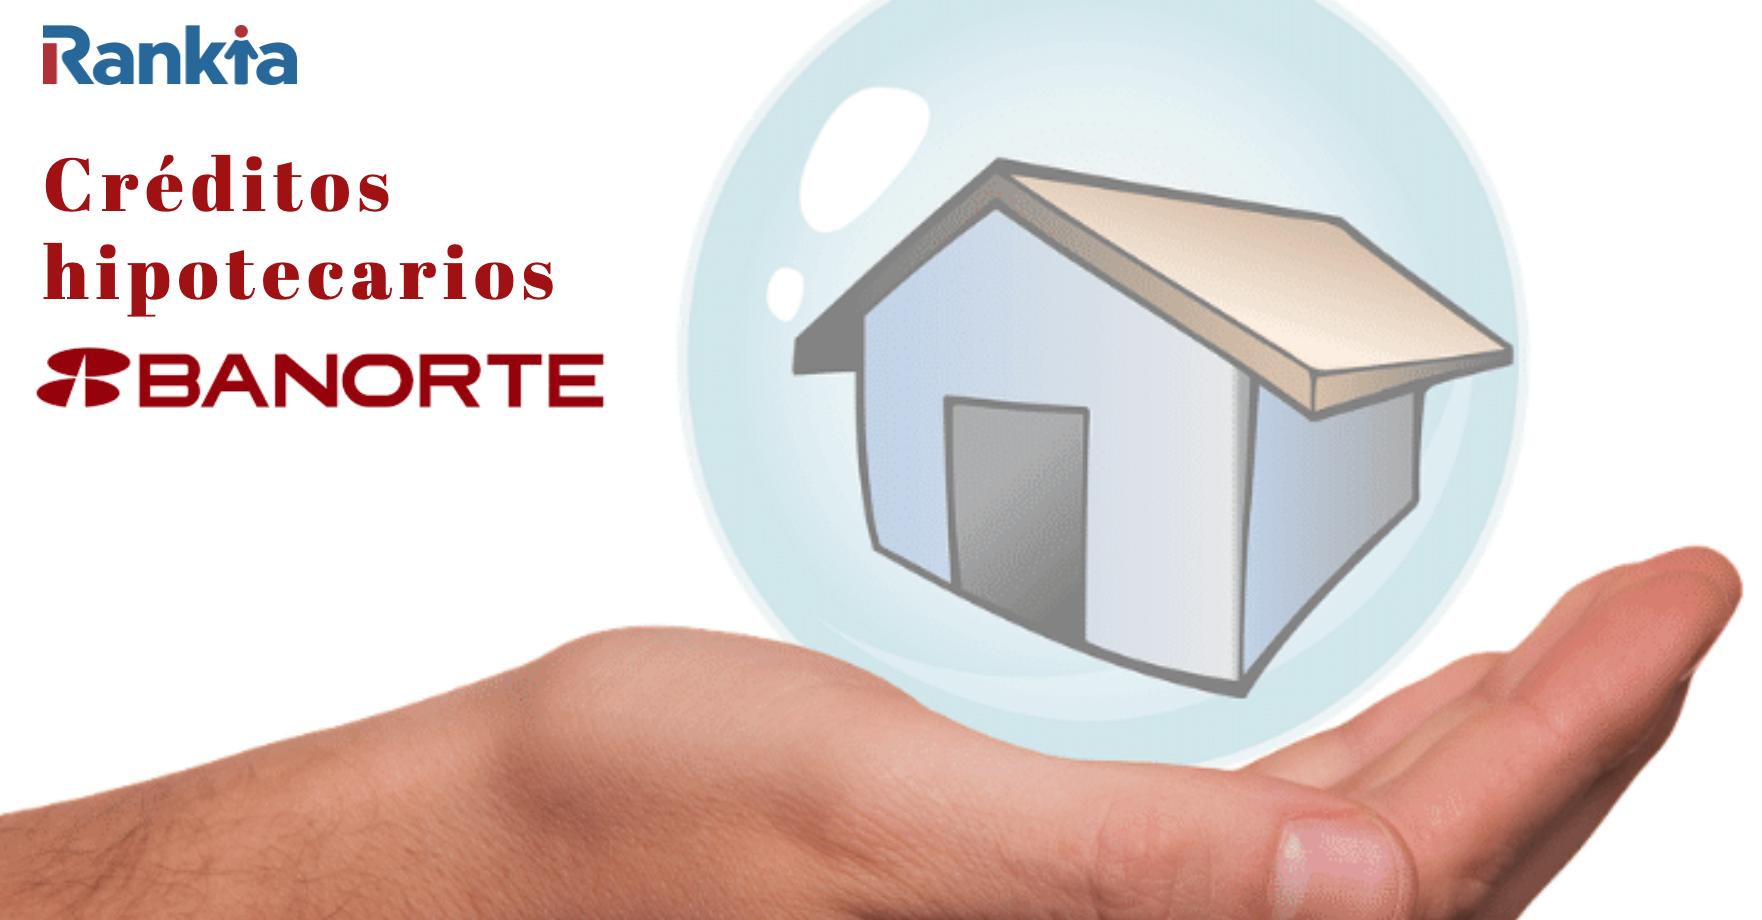 Créditos hipotecarios Banorte